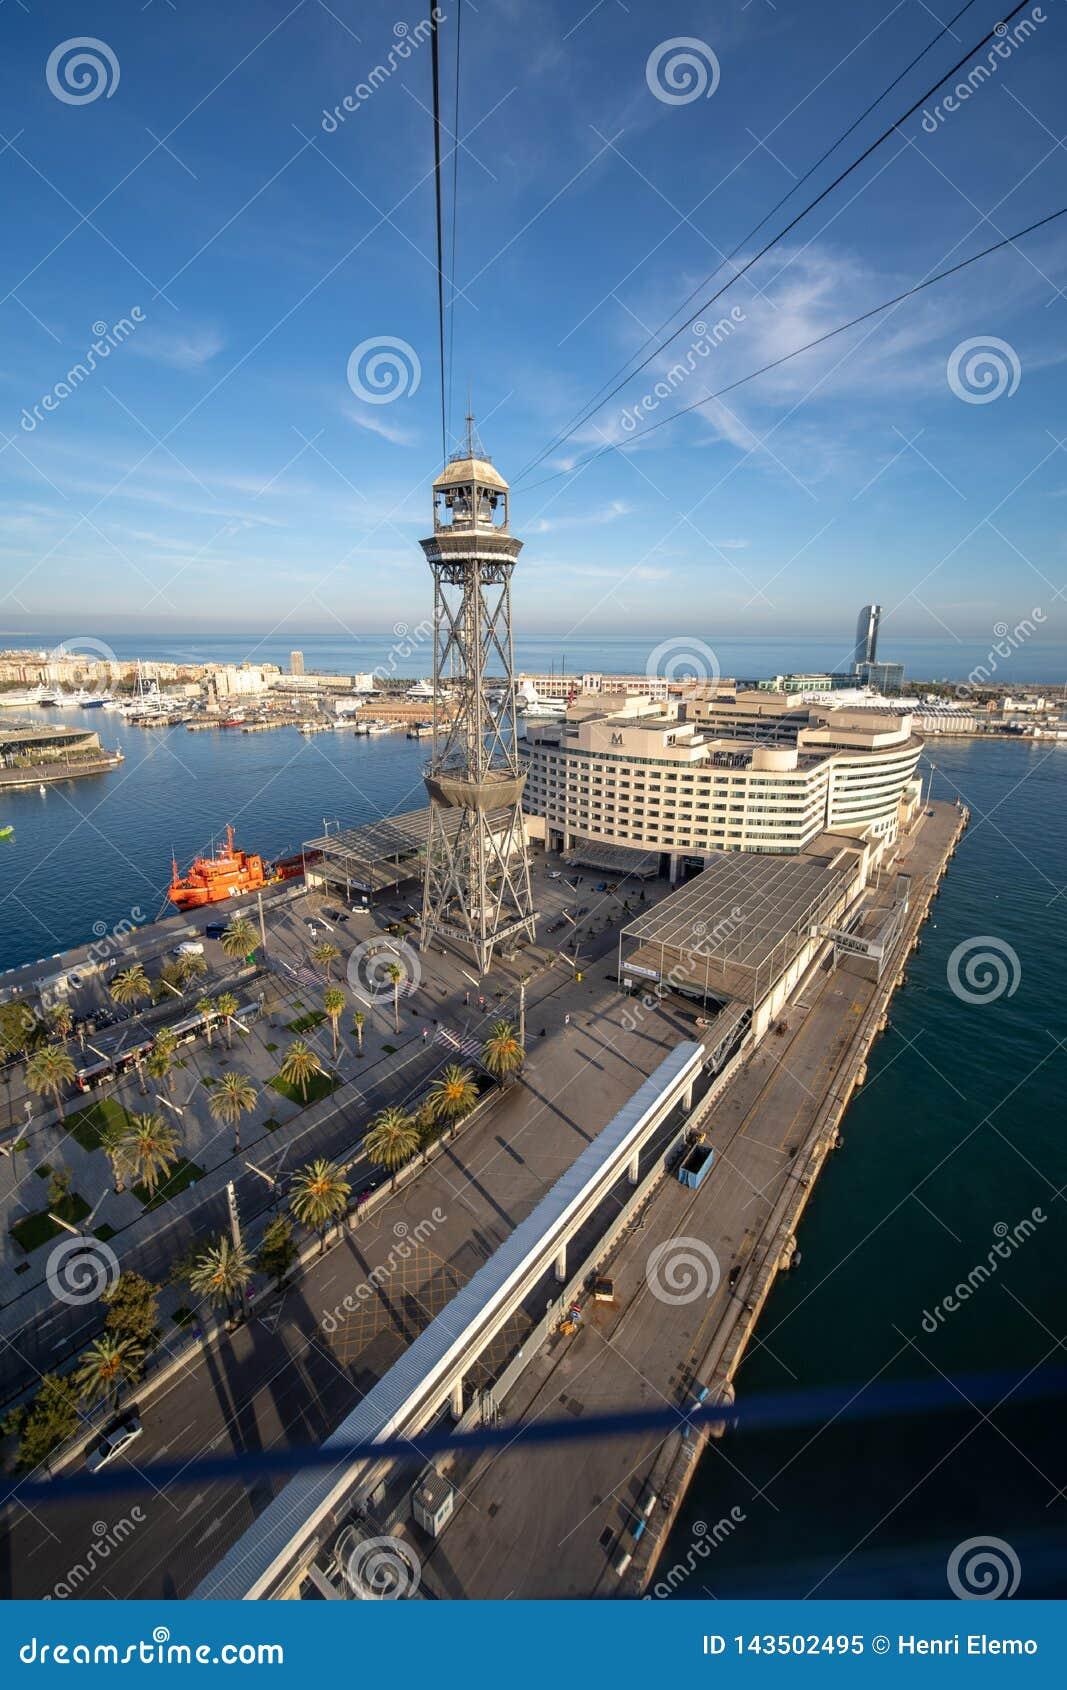 Barcelona, Espanha - 4 de dezembro de 2019: As torres do teleférico em Barcelona capturaram do teleférico em nivelar a luz